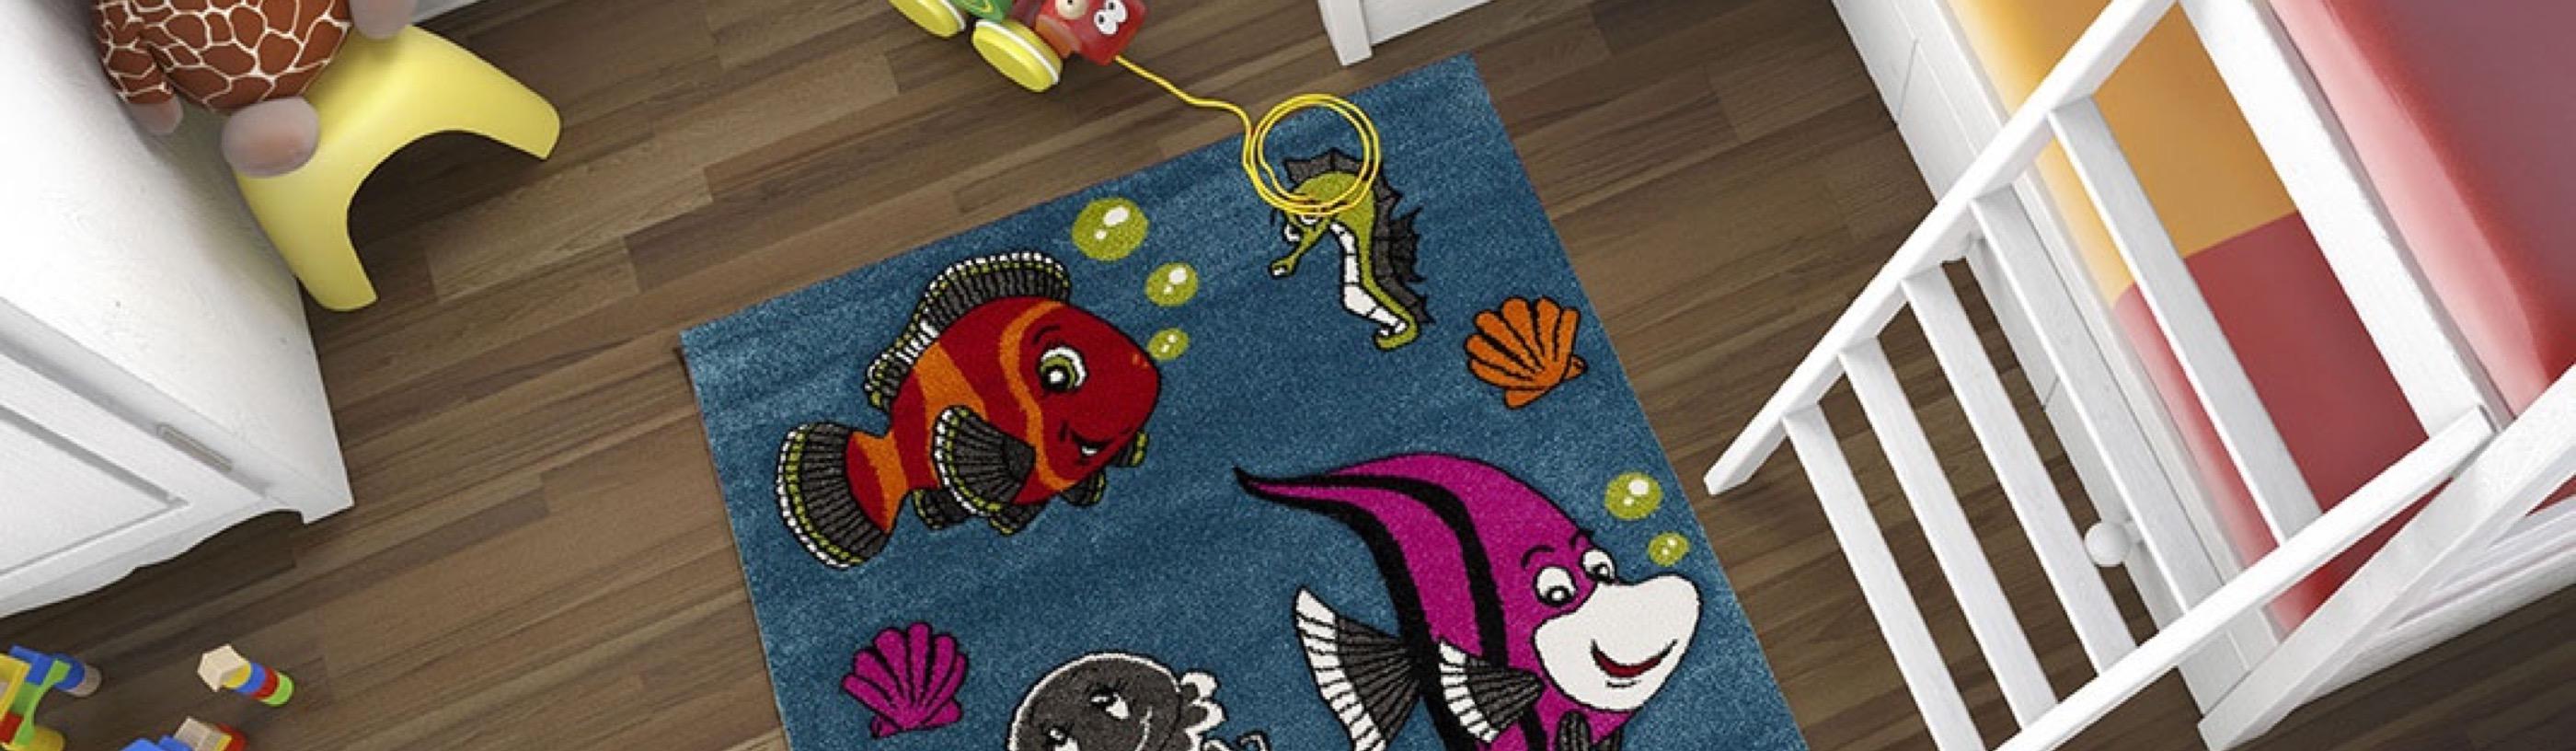 Tamaños de alfombras para el dormitorio